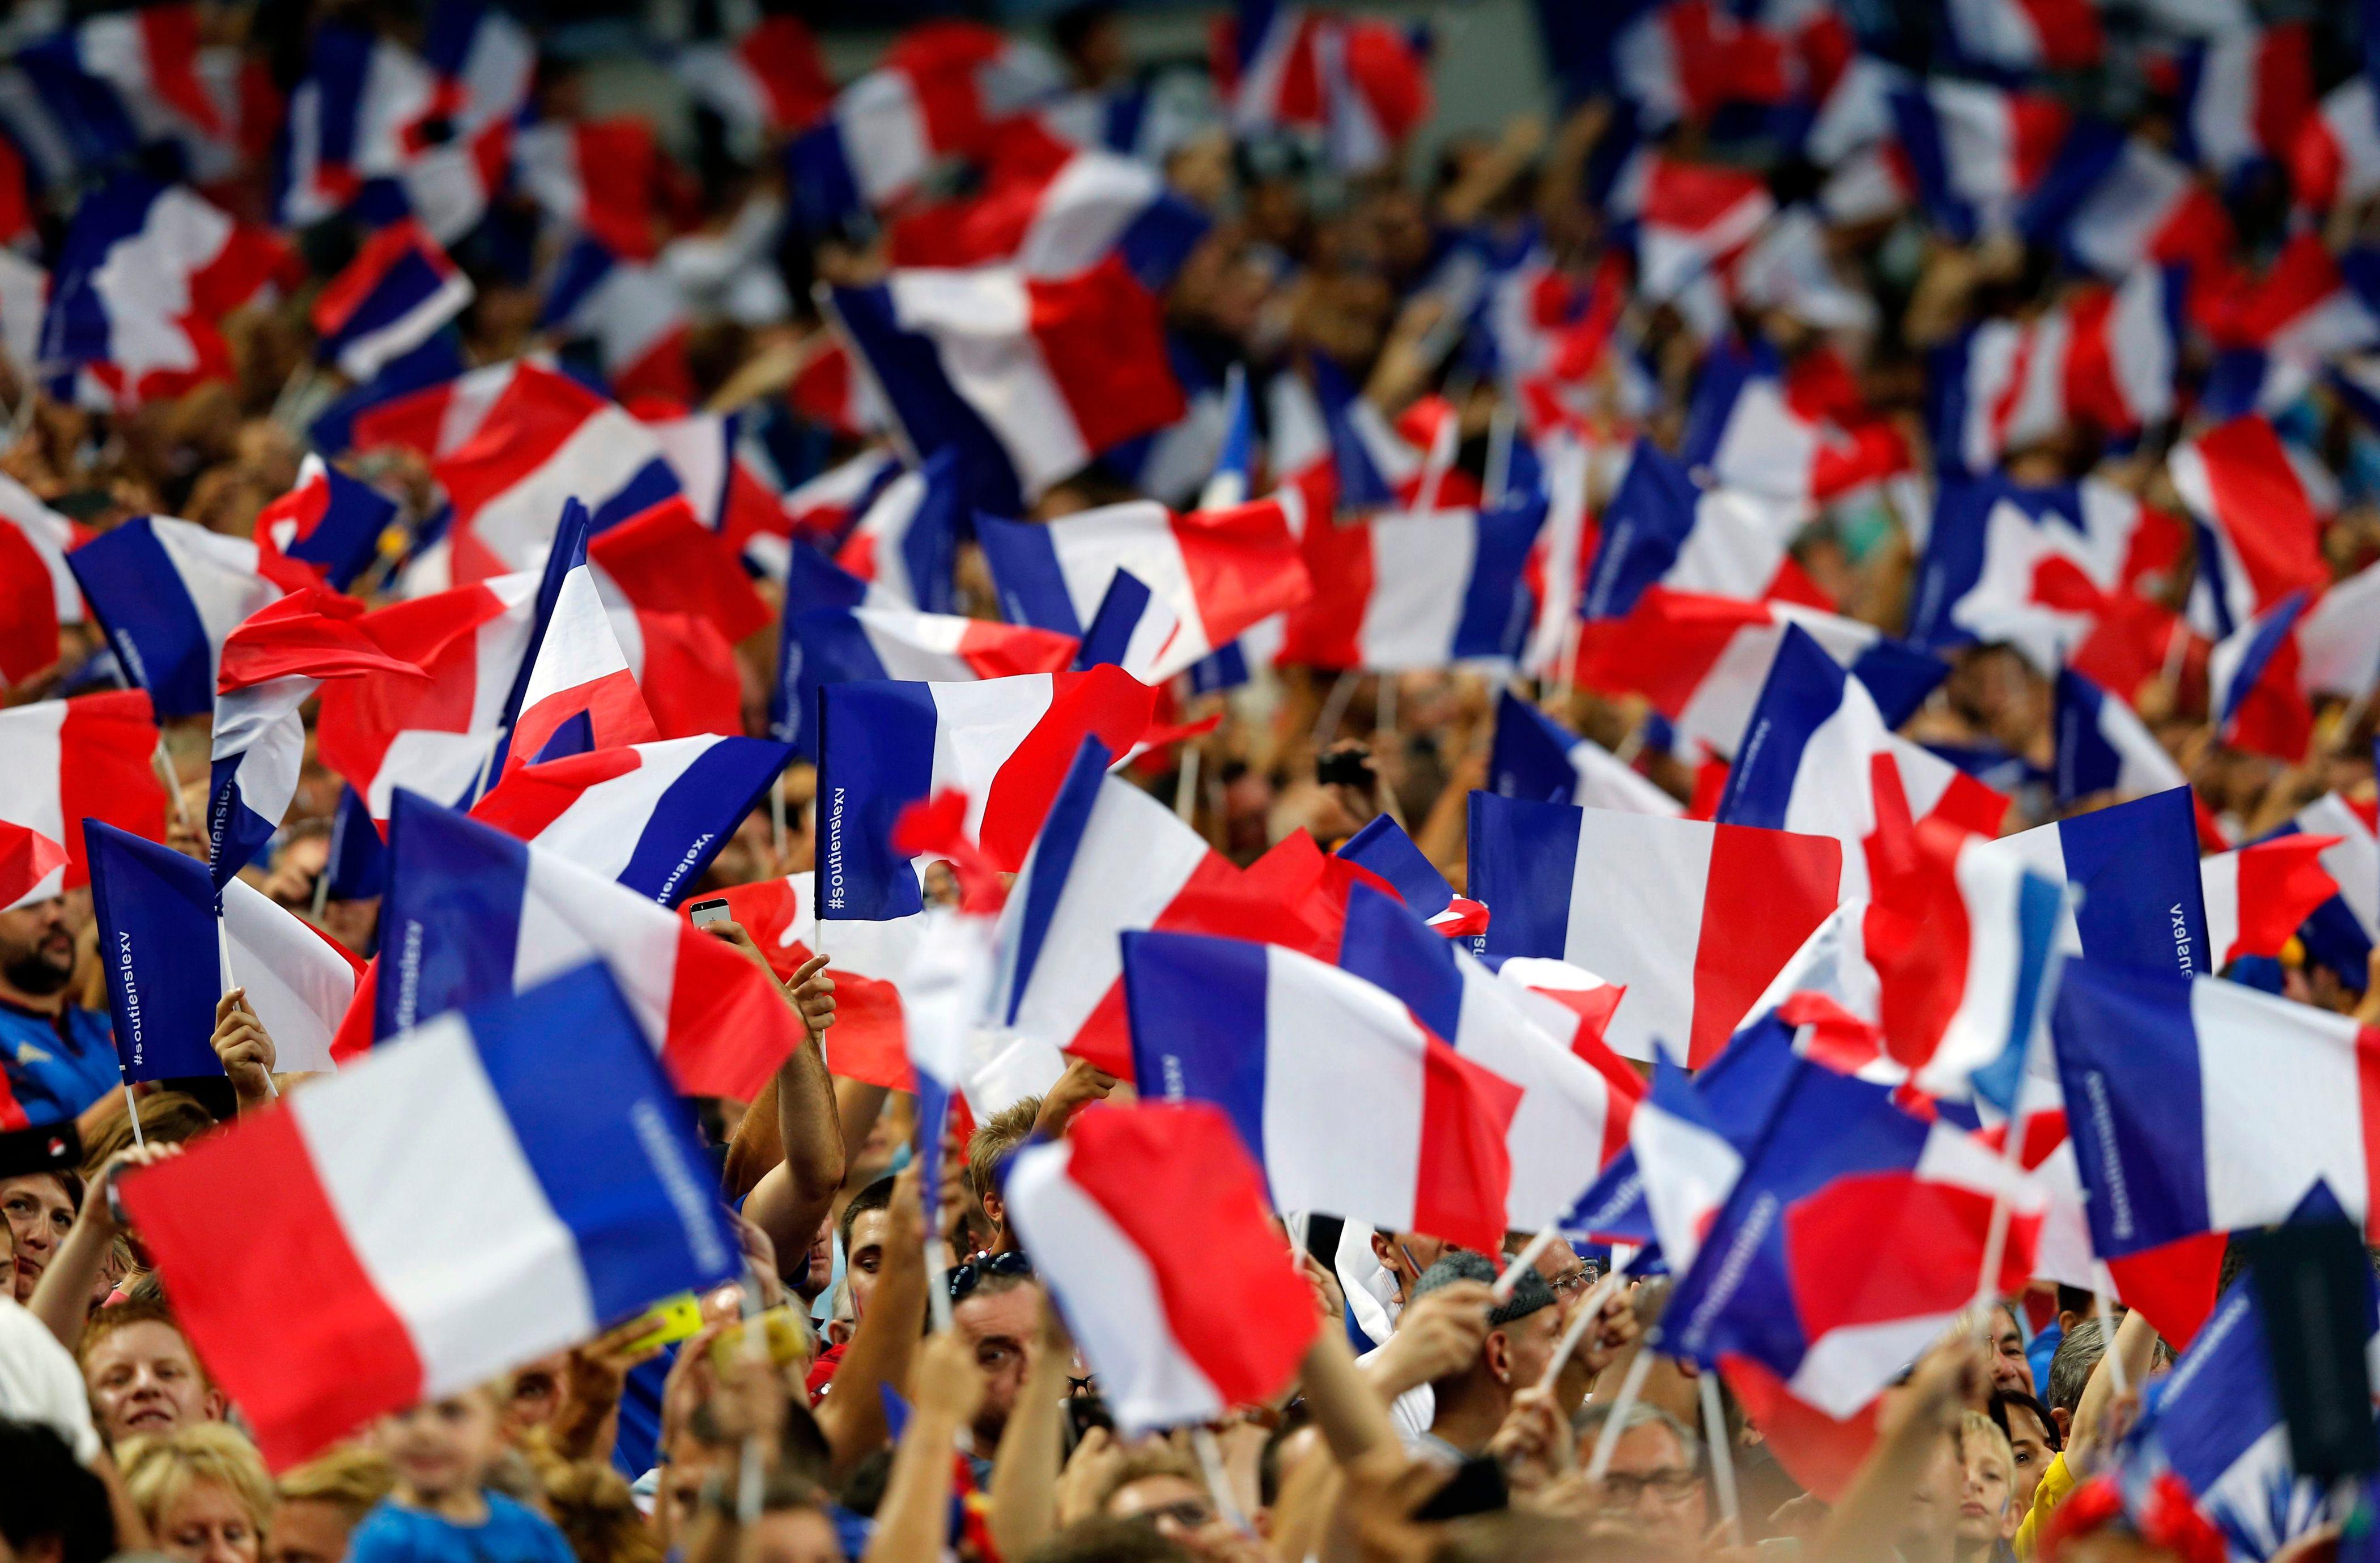 L'autre Euro 2016 : qui soutient qui en Europe quand son équipe nationale n'est plus en lice (et ce que ça nous dit des affinités et divergences actuelles au sein de l'Union) ?